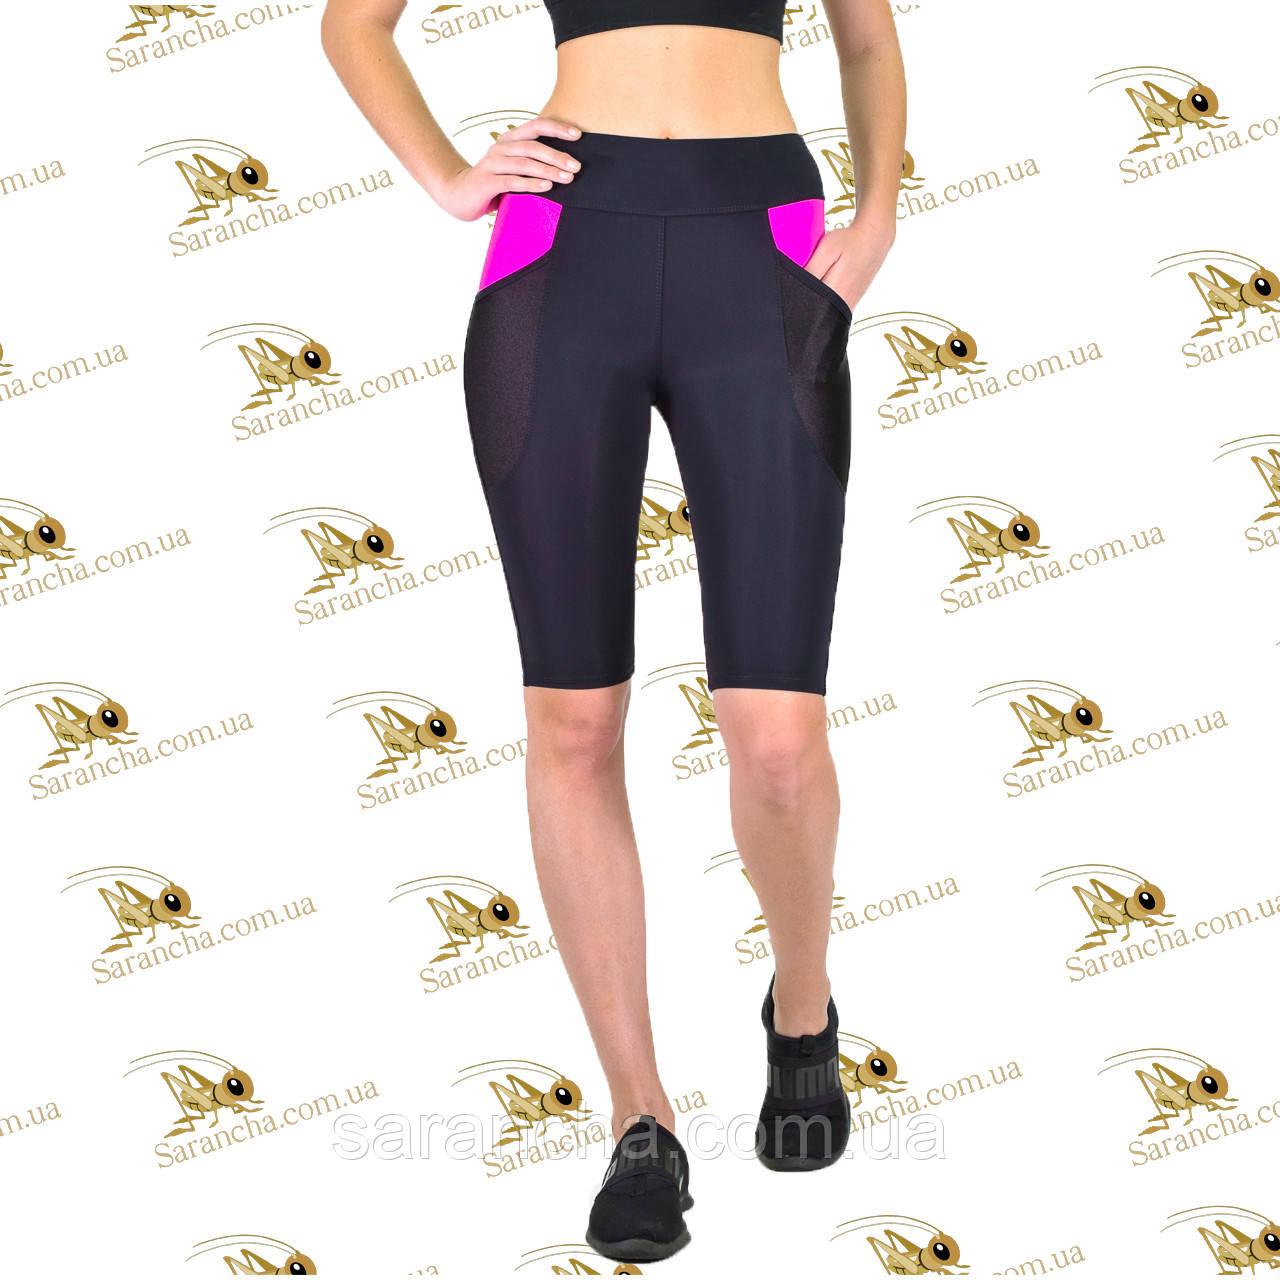 Женские велосипедки бриджи для фитнеса черные  с карманами со вставками фуксия